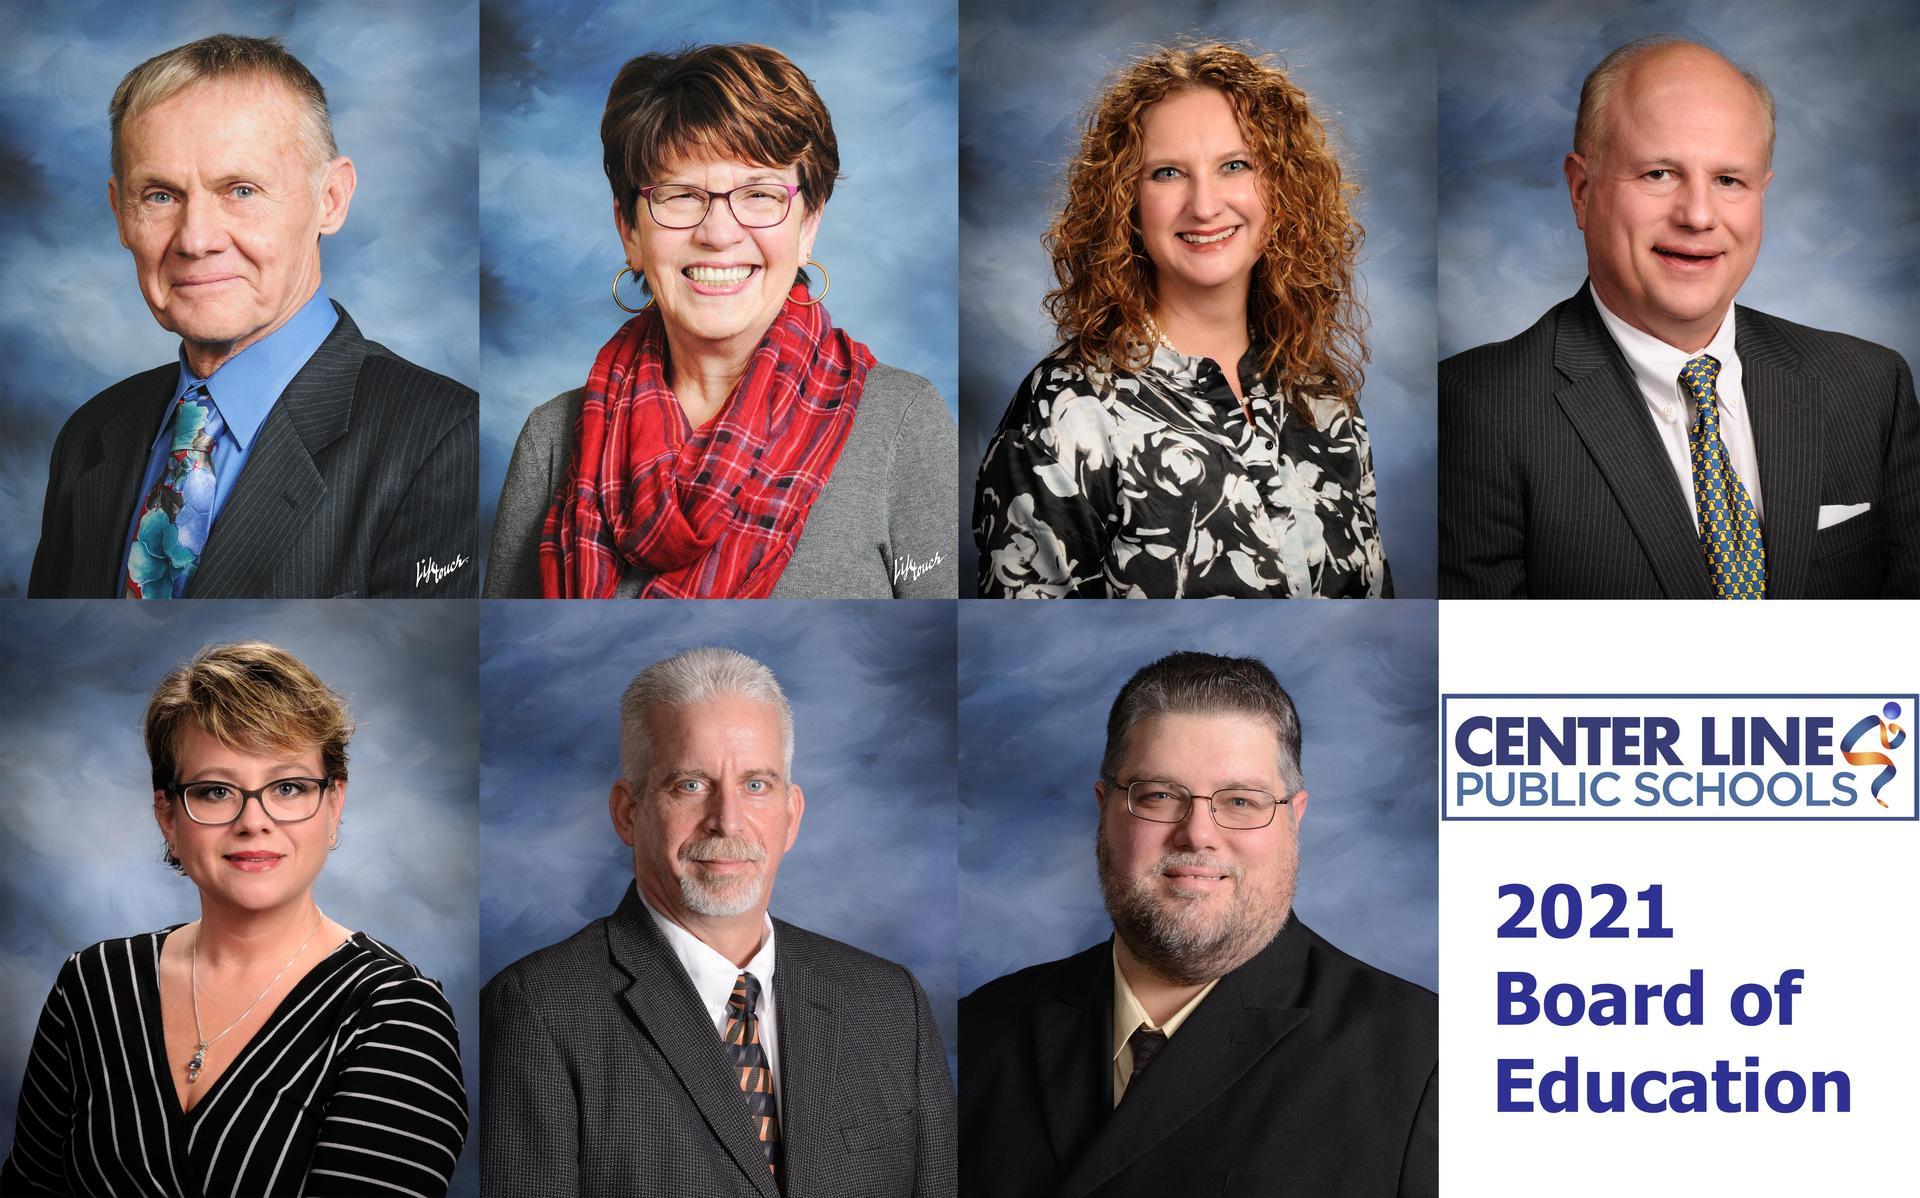 Board of Education 2021